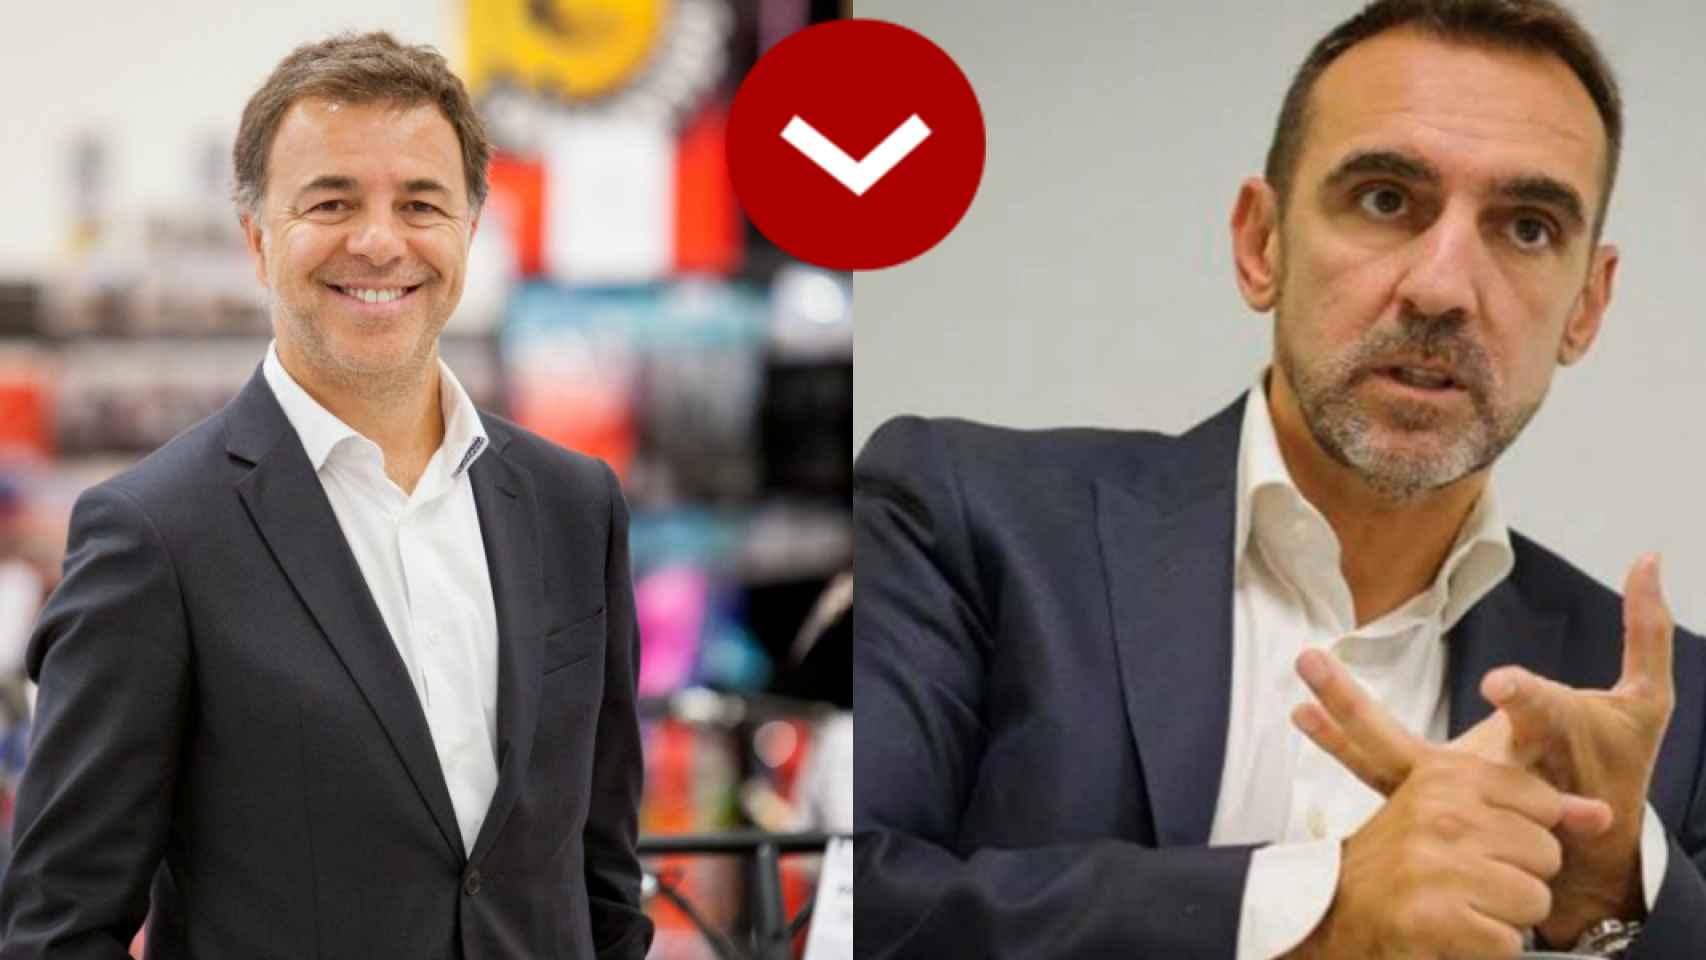 A LOS LEONES: Mário Pereira (Worten) y José Luis Saiz (Bimbo)